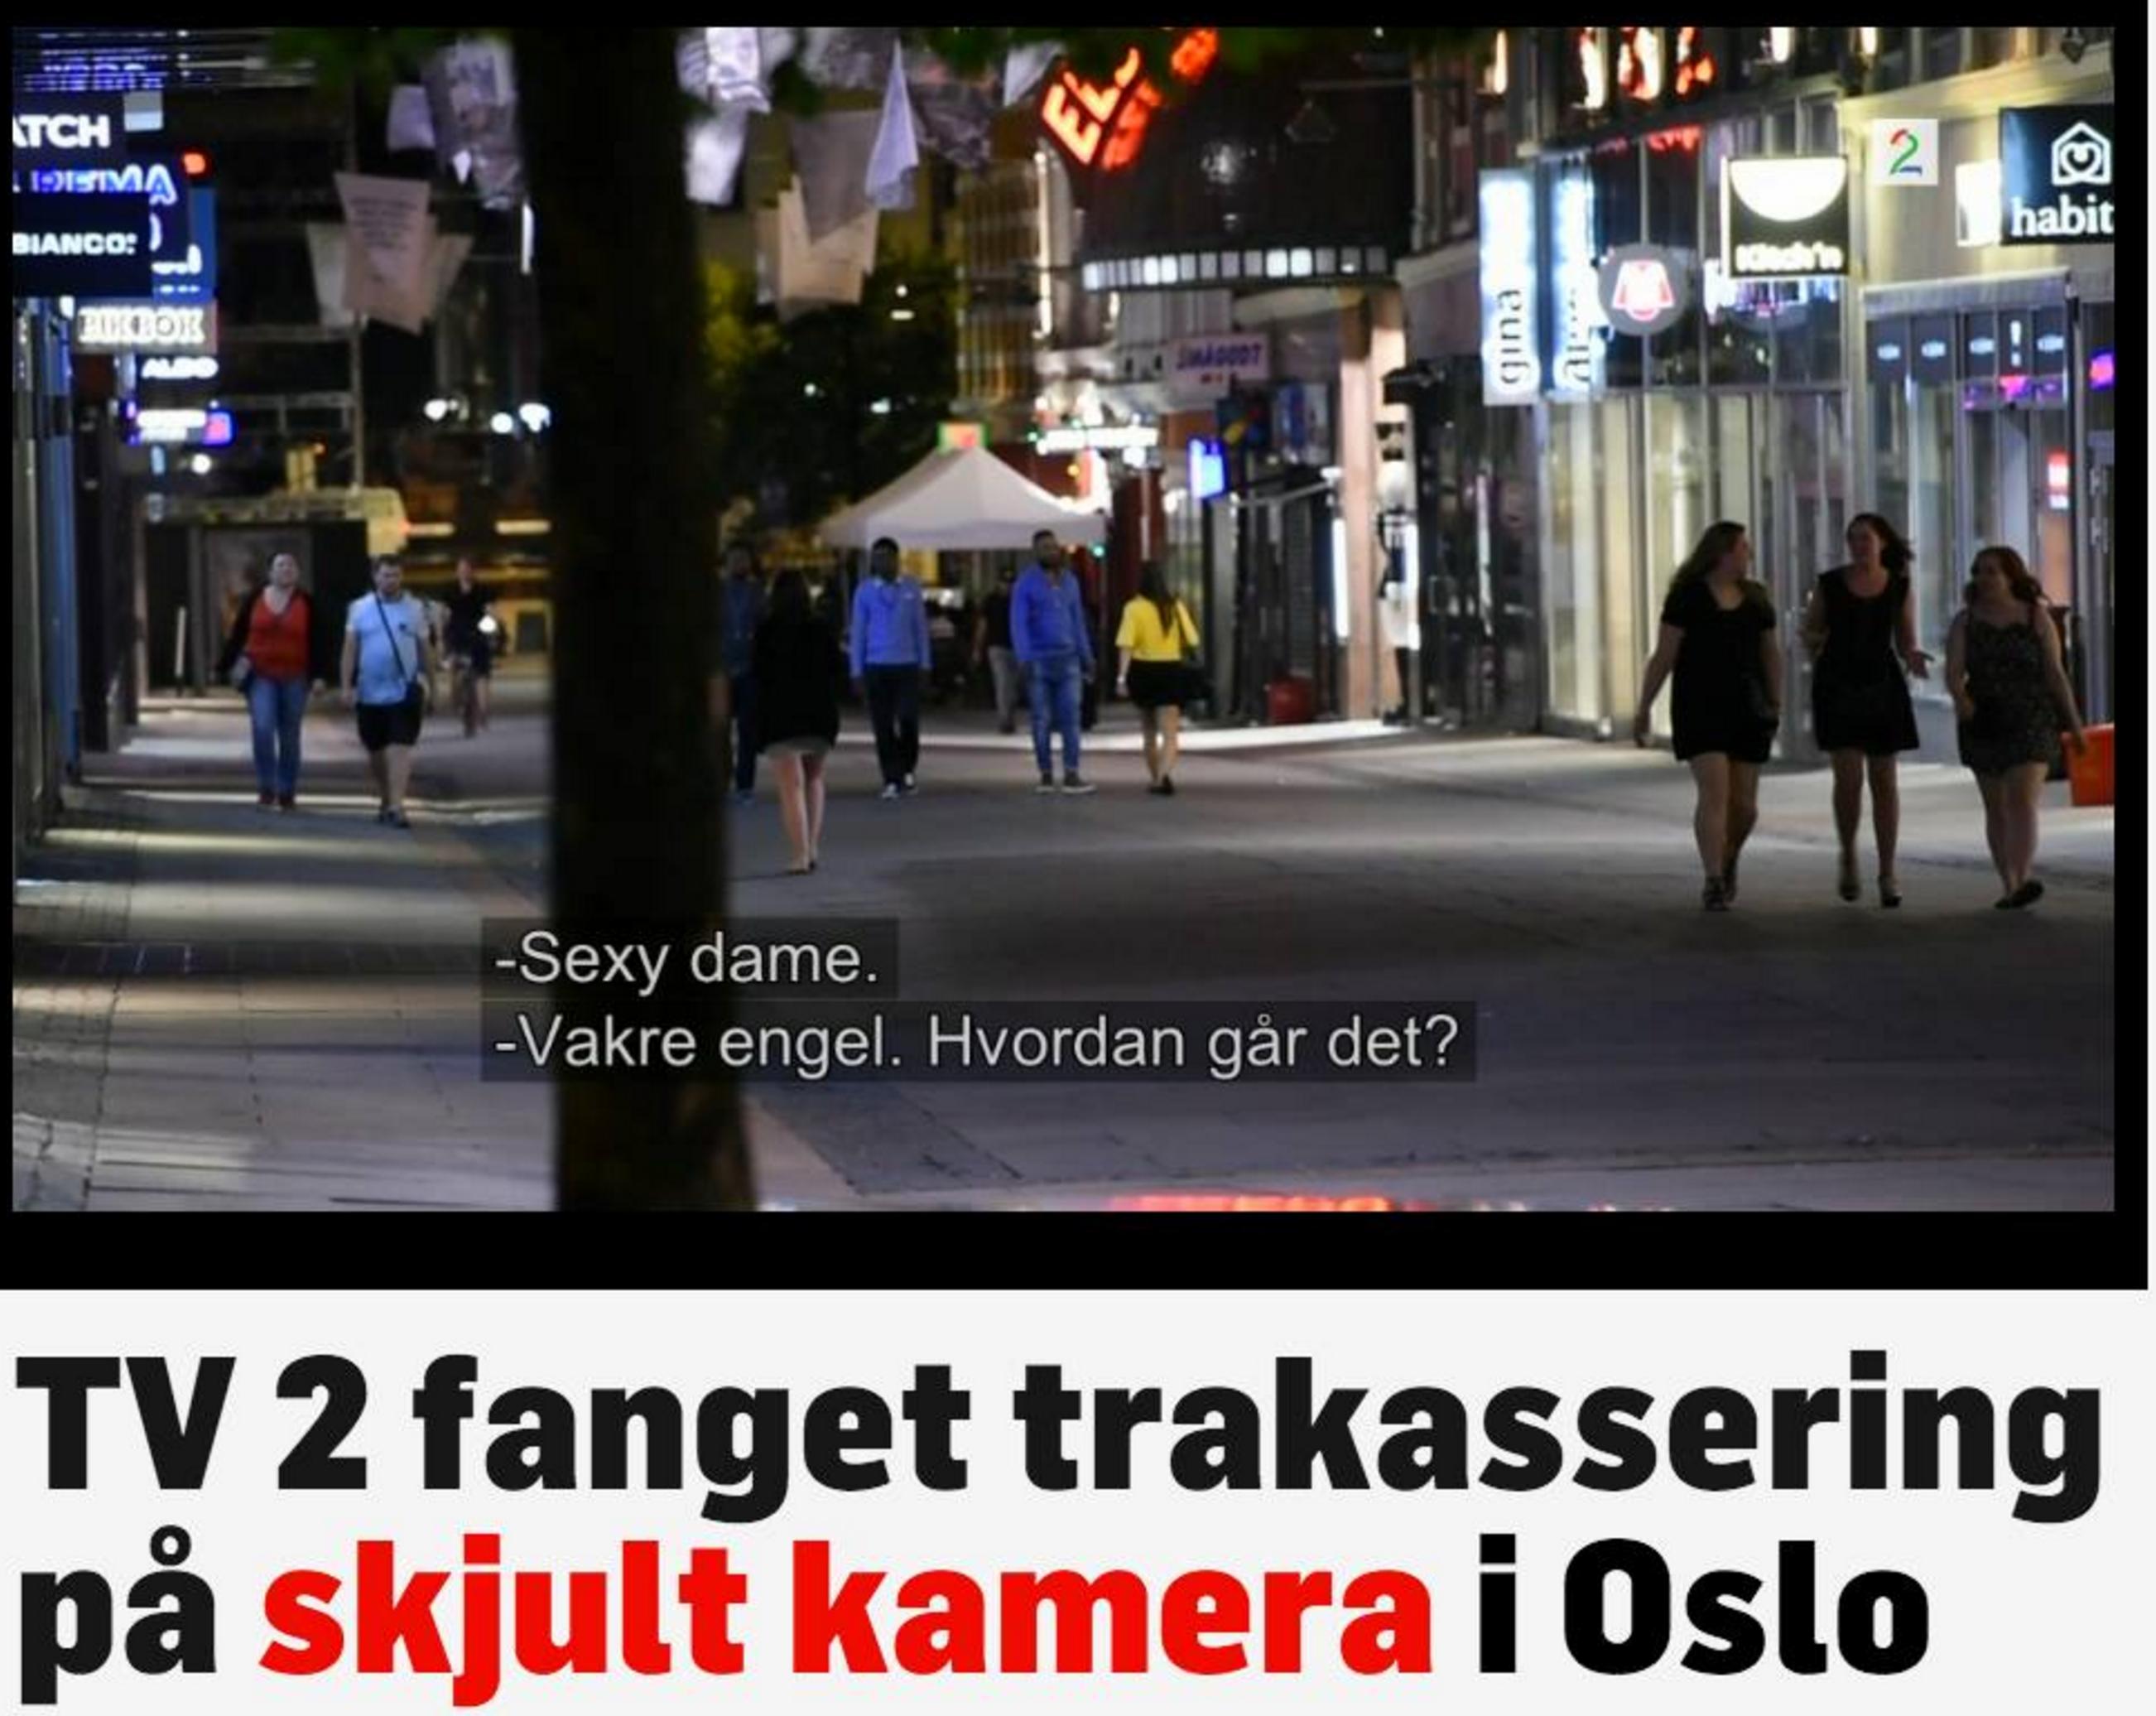 Faksimile fra TV2